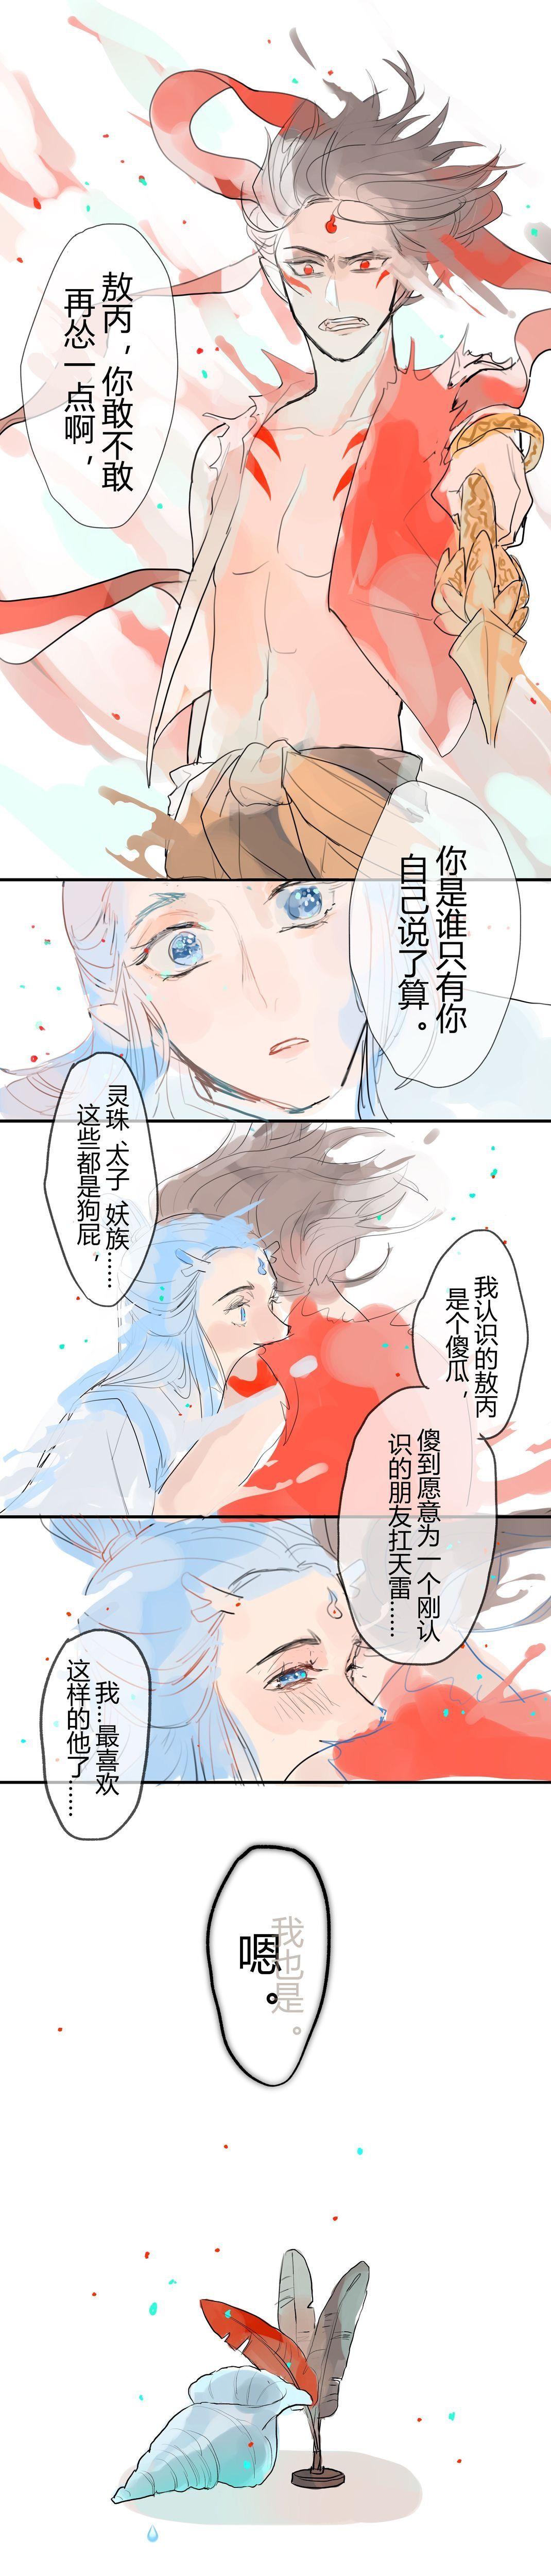 ปักพินโดย Yong ใน Ne Zha 哪吒之魔童降世 ในปี 2020 อะนิเมะ